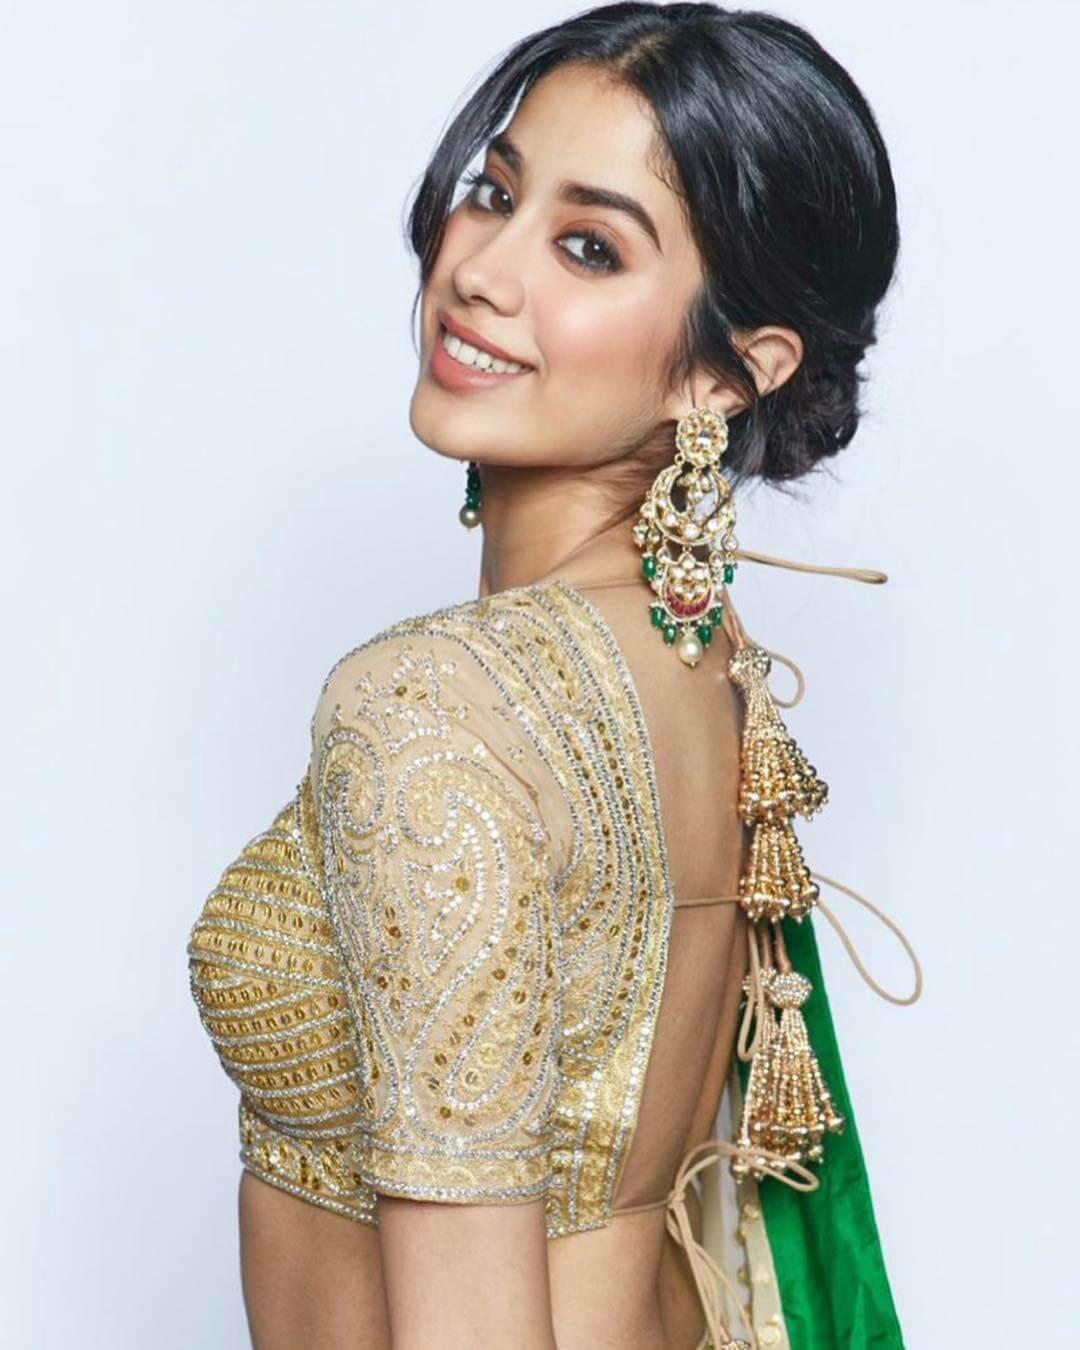 The chandelier gold and polki earrings Janhvi Kapoor's earrings